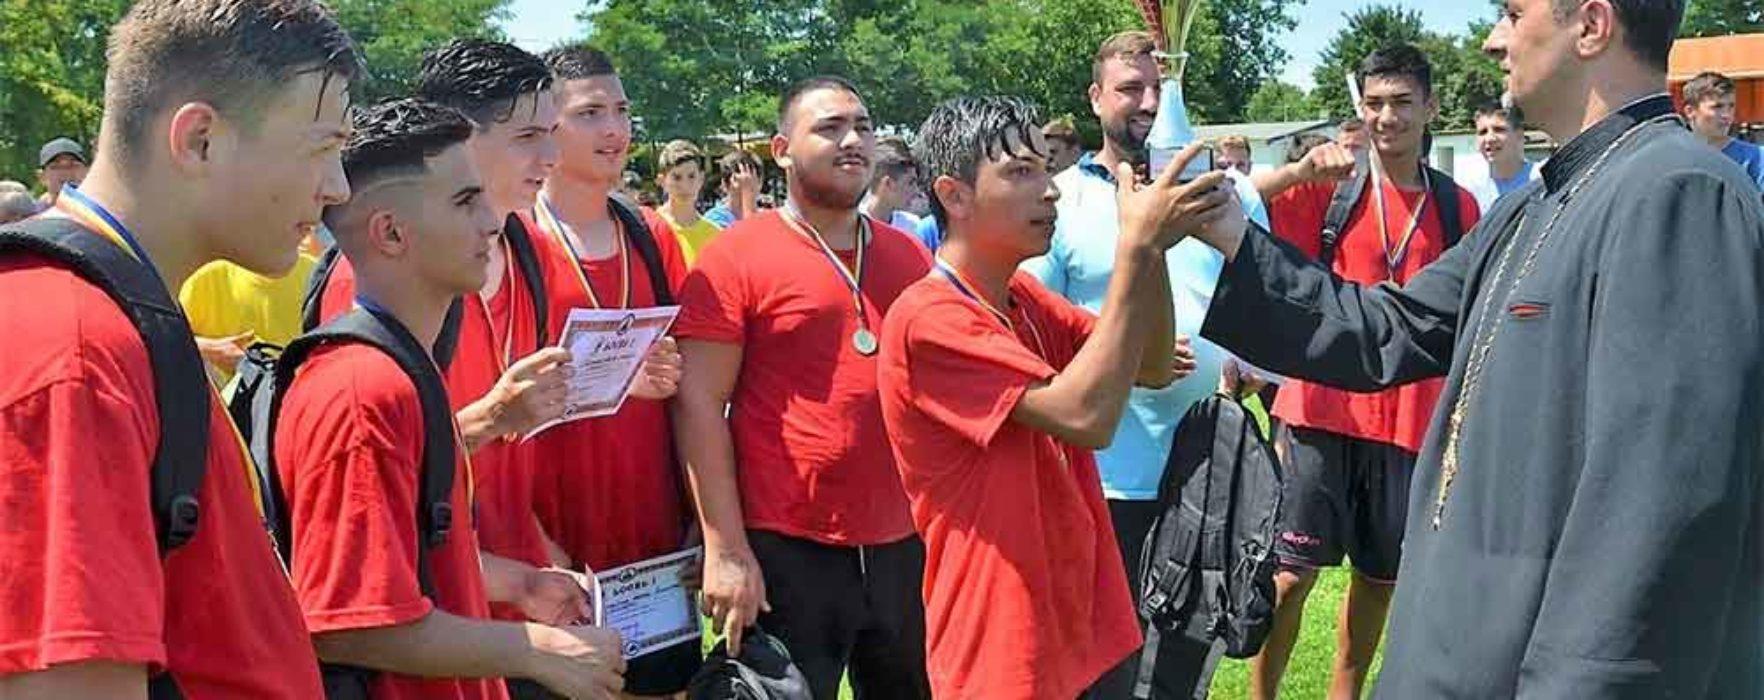 Dâmboviţa: Campionat de fotbal organizat de Arhiepiscopia Târgoviştei